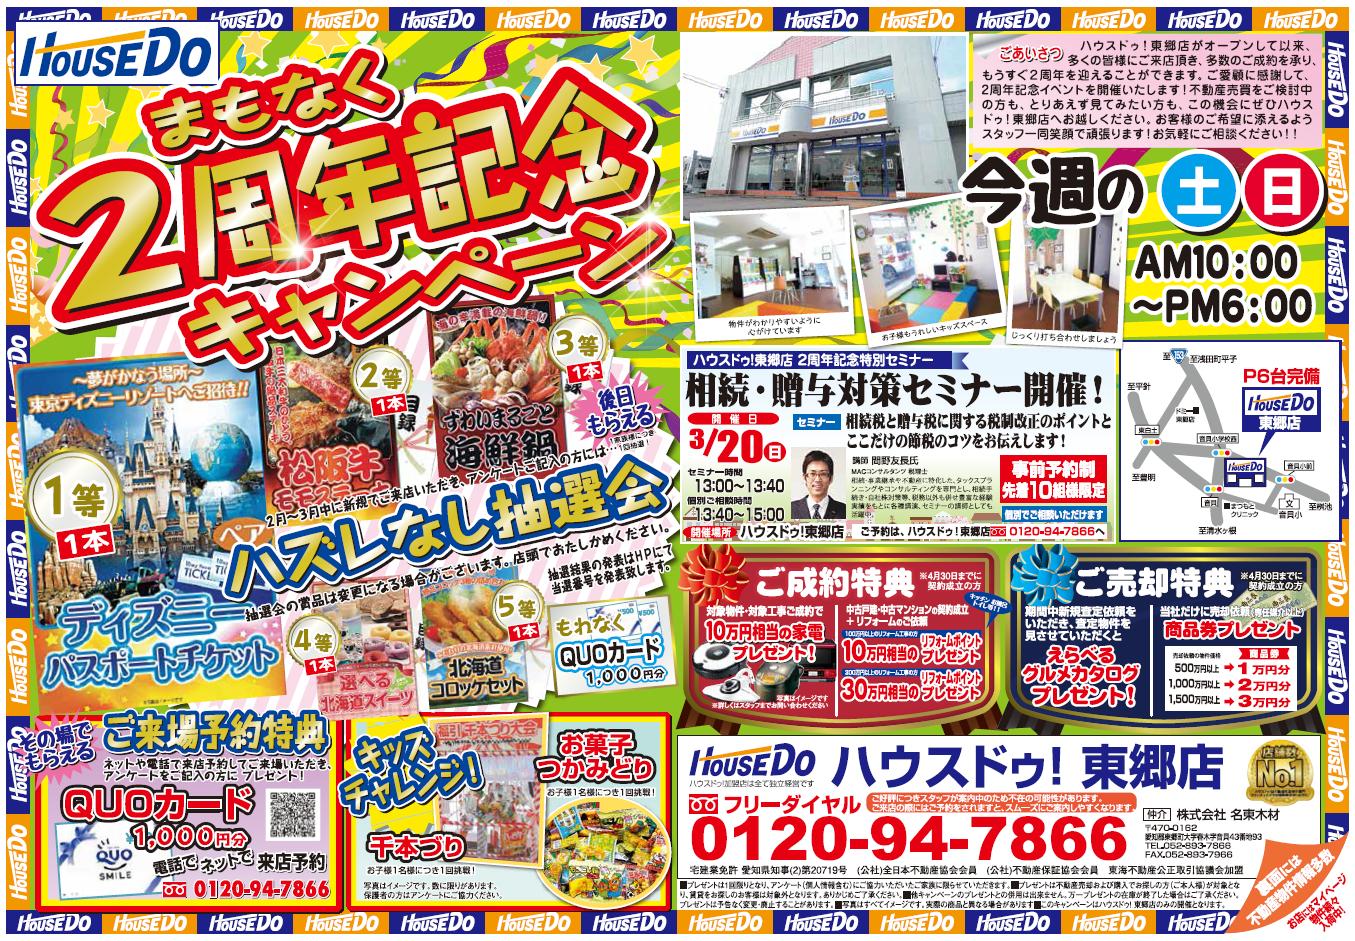 ★2月26日折込広告(表)